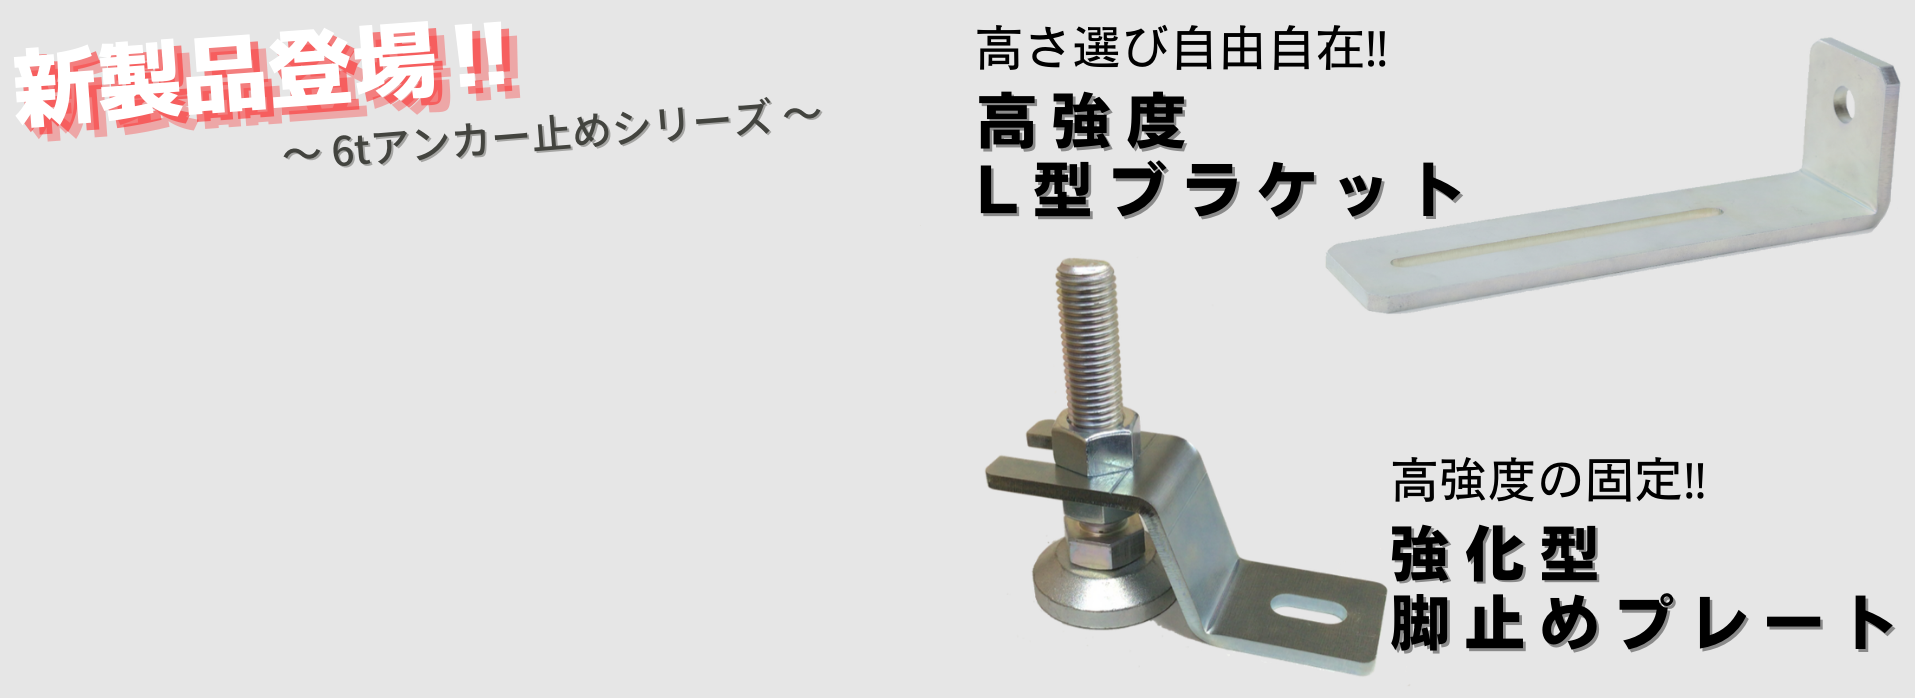 新商品登場!!6tアンカー止めシリーズ